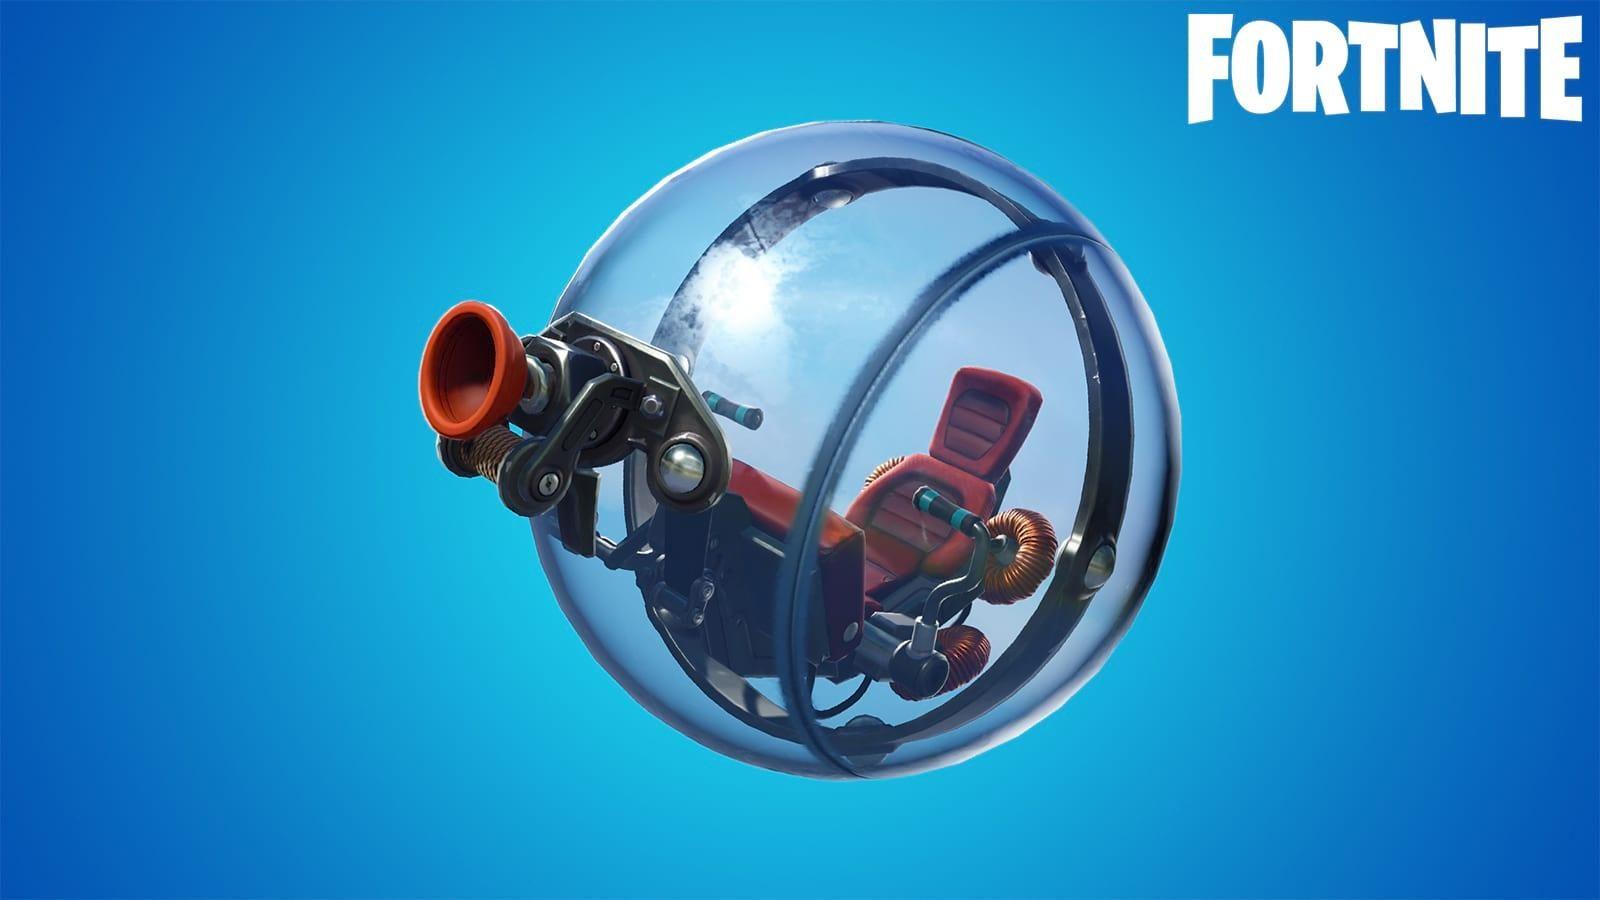 Baller de Fortnite